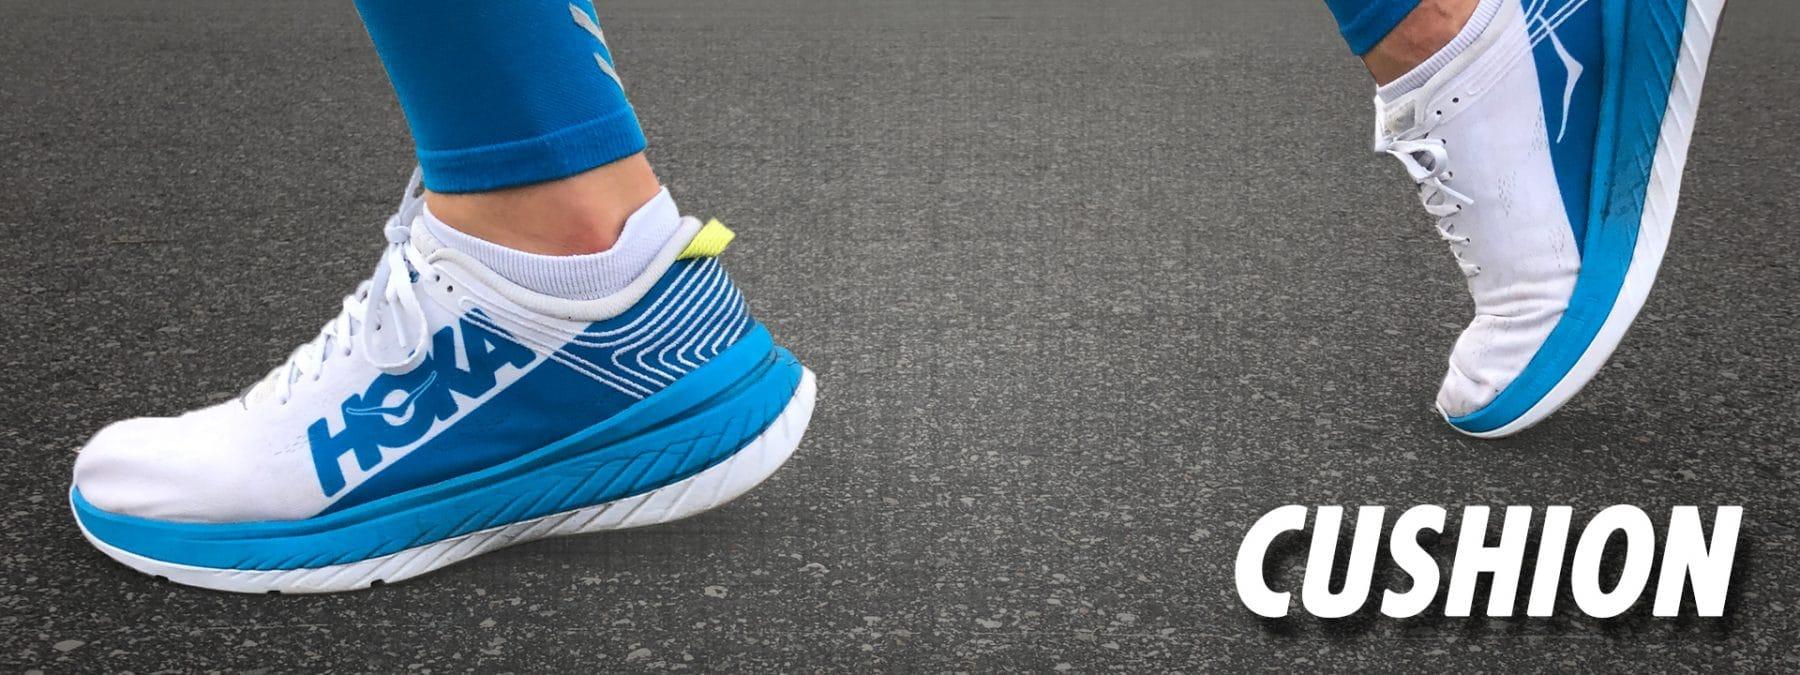 Hoka carbon x | HOKA ONE ONE Carbon X Men's Shoes Plein Air